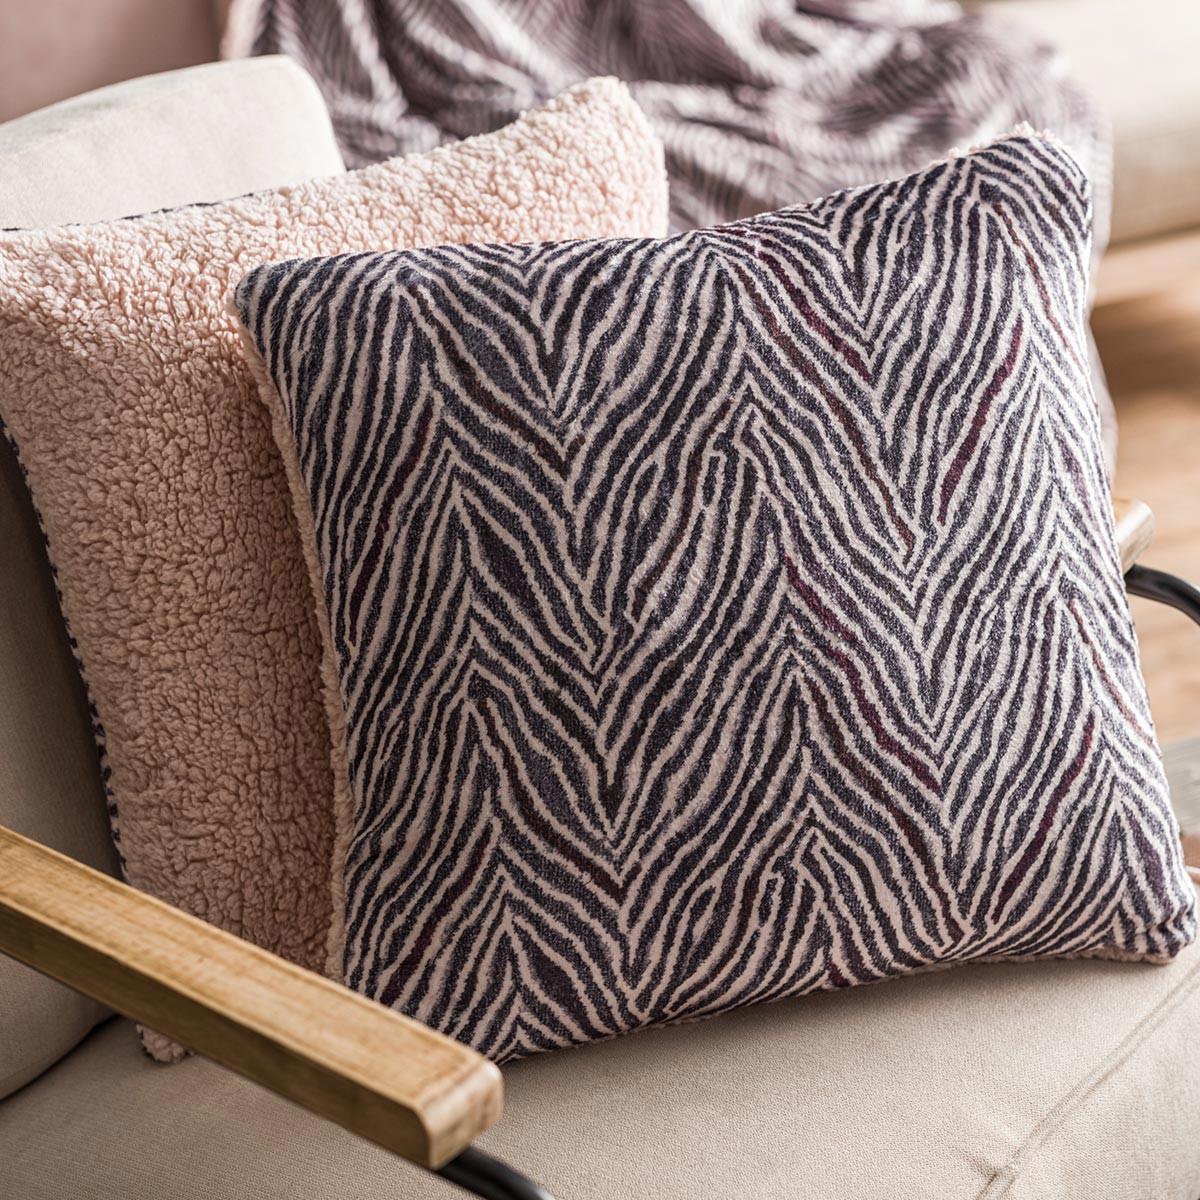 Διακοσμητική Μαξιλαροθήκη (43×43) Gofis Home Zebre Powder Pink 8